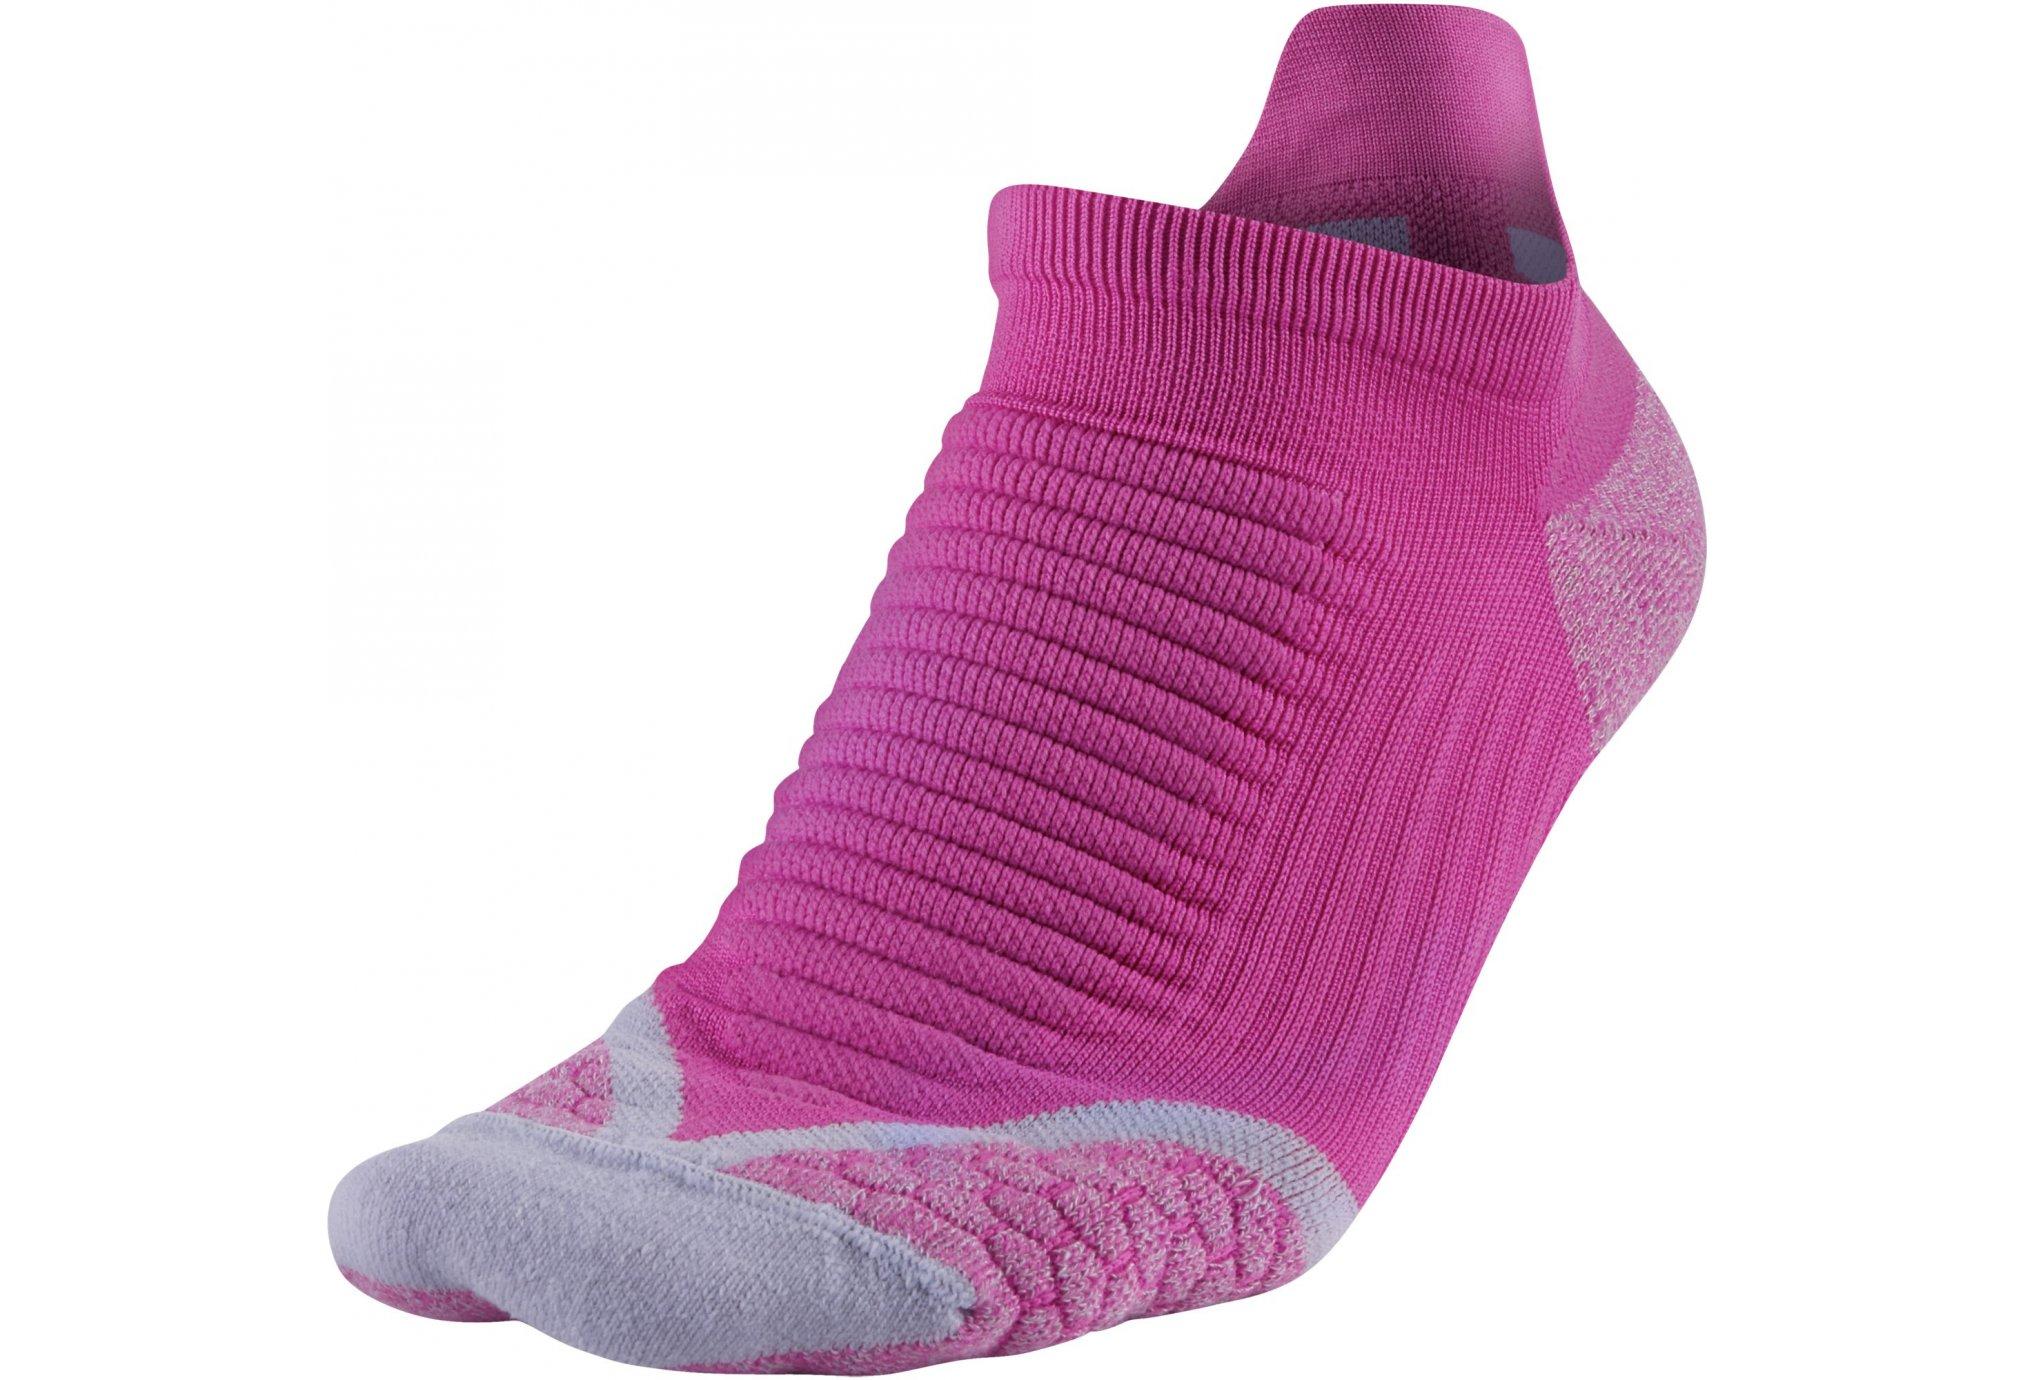 Accessoires cher Nike achat vente de Accessoires pas cher Accessoires 637376